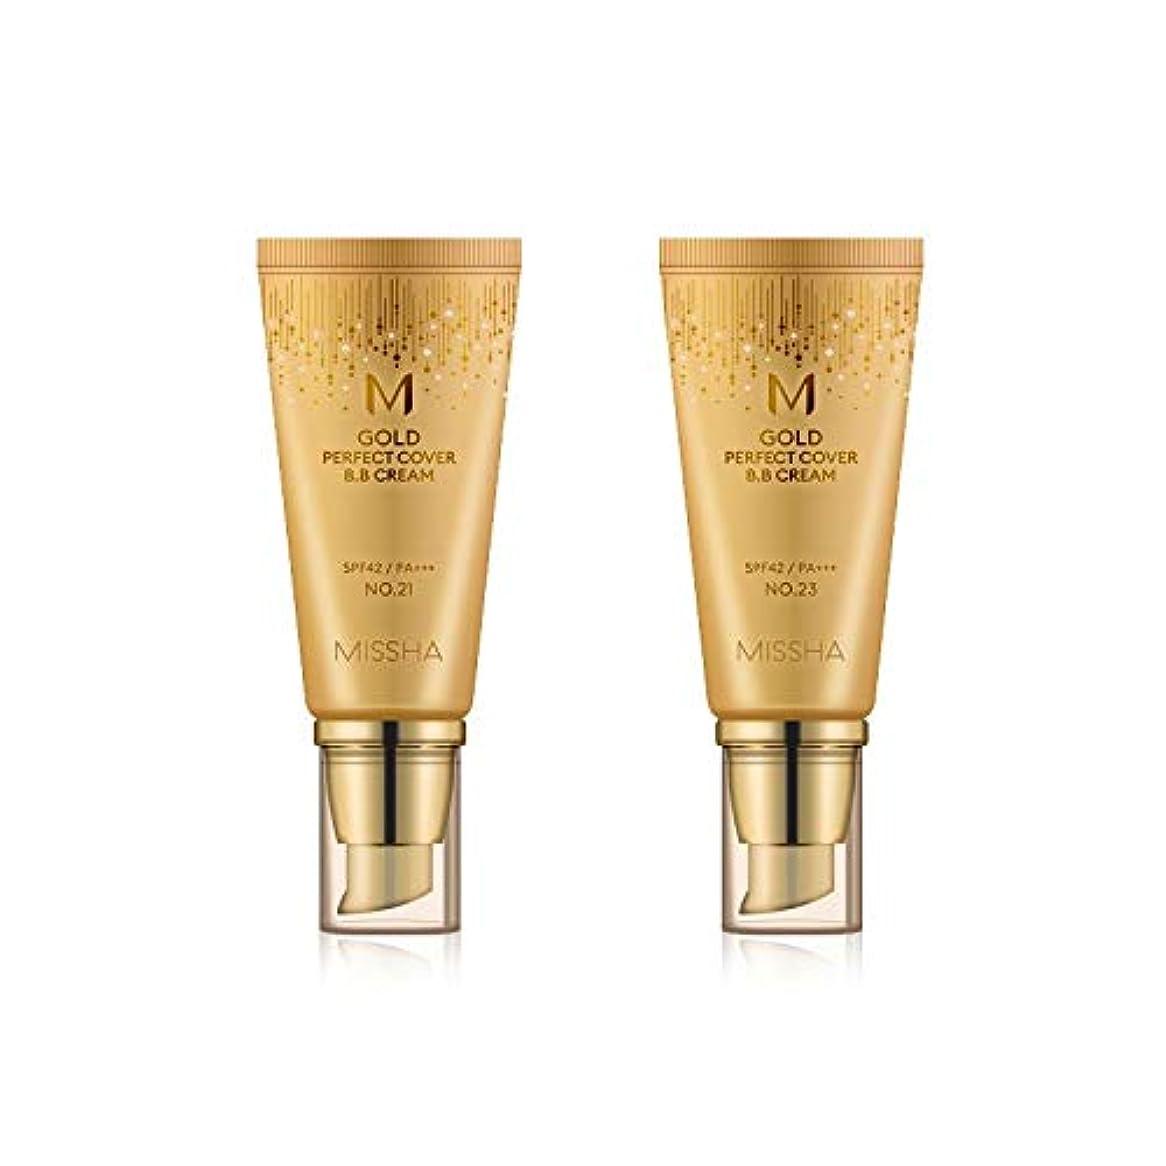 吸収するキルトハッチMISSHA Gold Perfecte Cover BB Cream SPF42 PA+++ / ミシャ ゴールド パーフェクト カバー BBクリーム 50ml *NO.21 [並行輸入品]